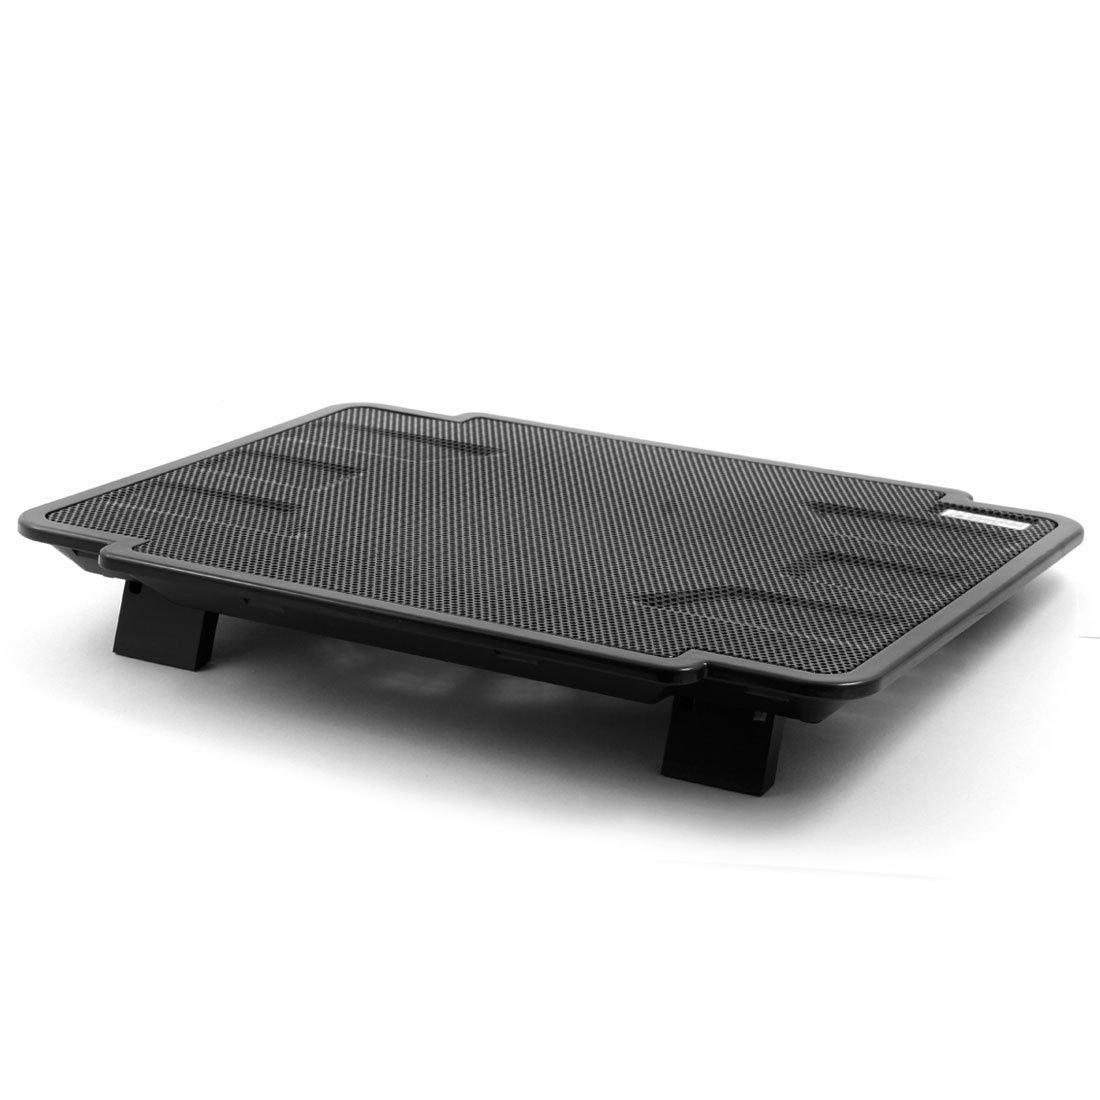 Amazon.com: eDealMax Malla metálica portátil Ultra delgada del radiador de enfriamiento del cojín Negro w Ventiladores Para ordenador DE 14 pulgadas: ...